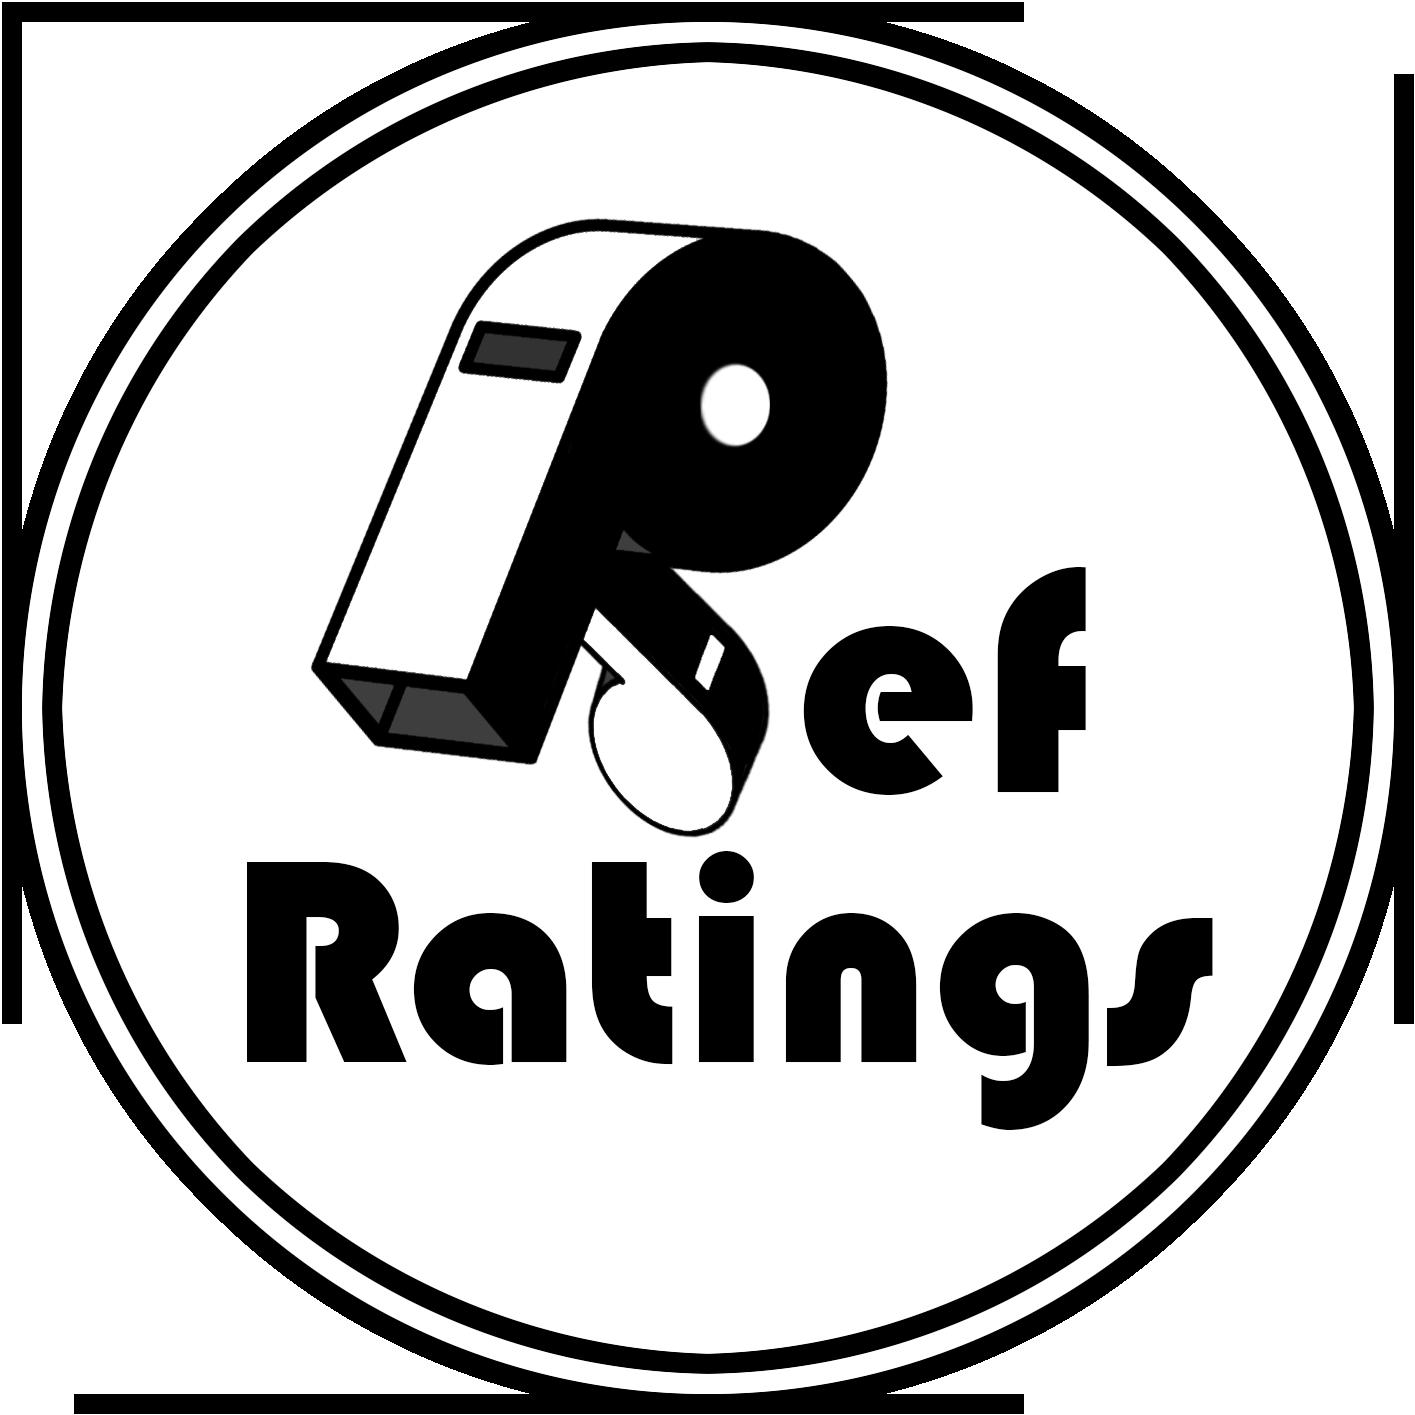 RefRatngs.com